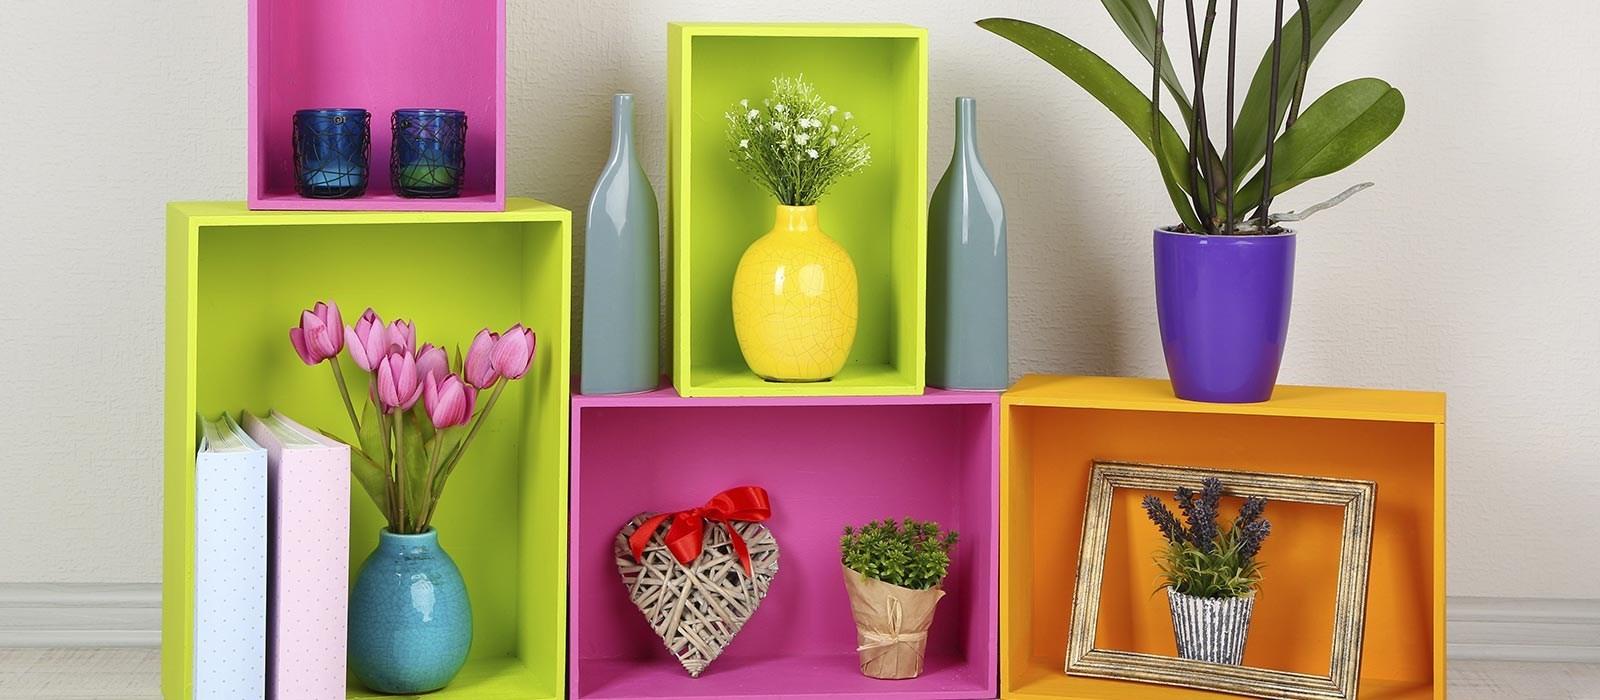 Trucos para decorar tu casa con estilo inmobiliaria for Accesorios para decorar la casa